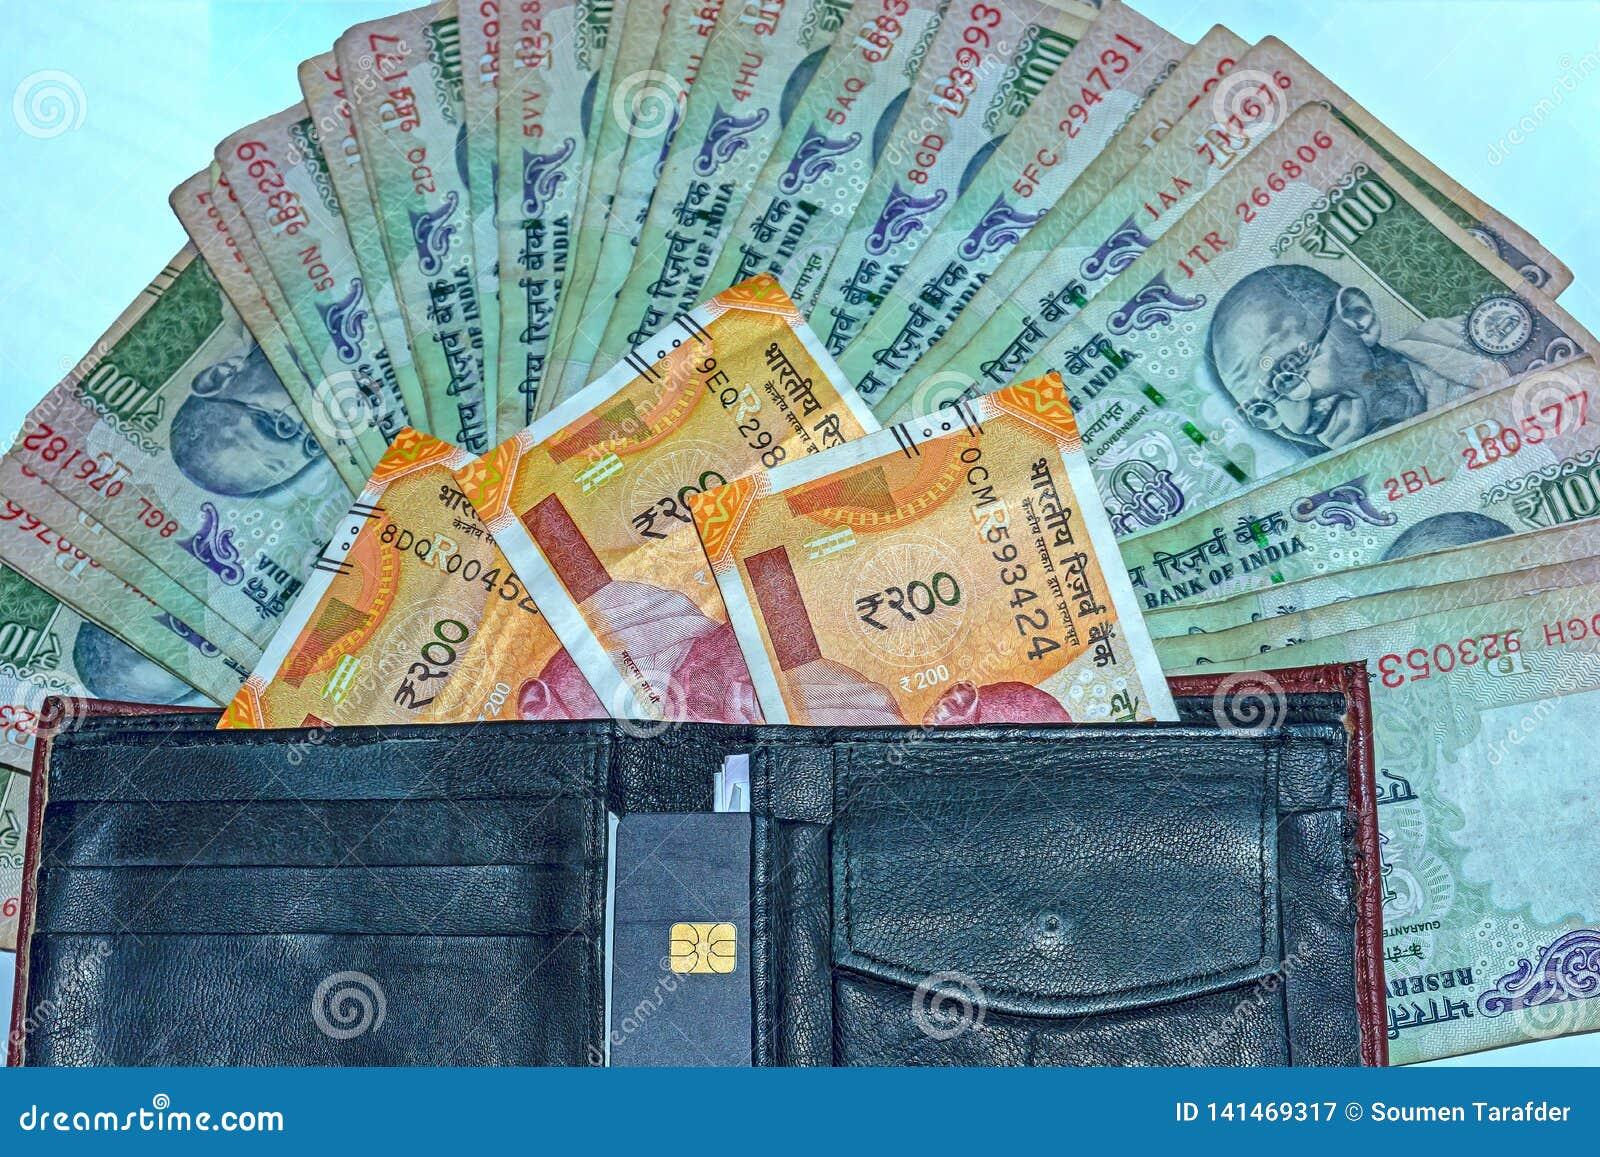 Sluit omhoog mening van portefeuille met 200 Roepies en oude 100 Roepies Indische bankbiljetten op achtergrond